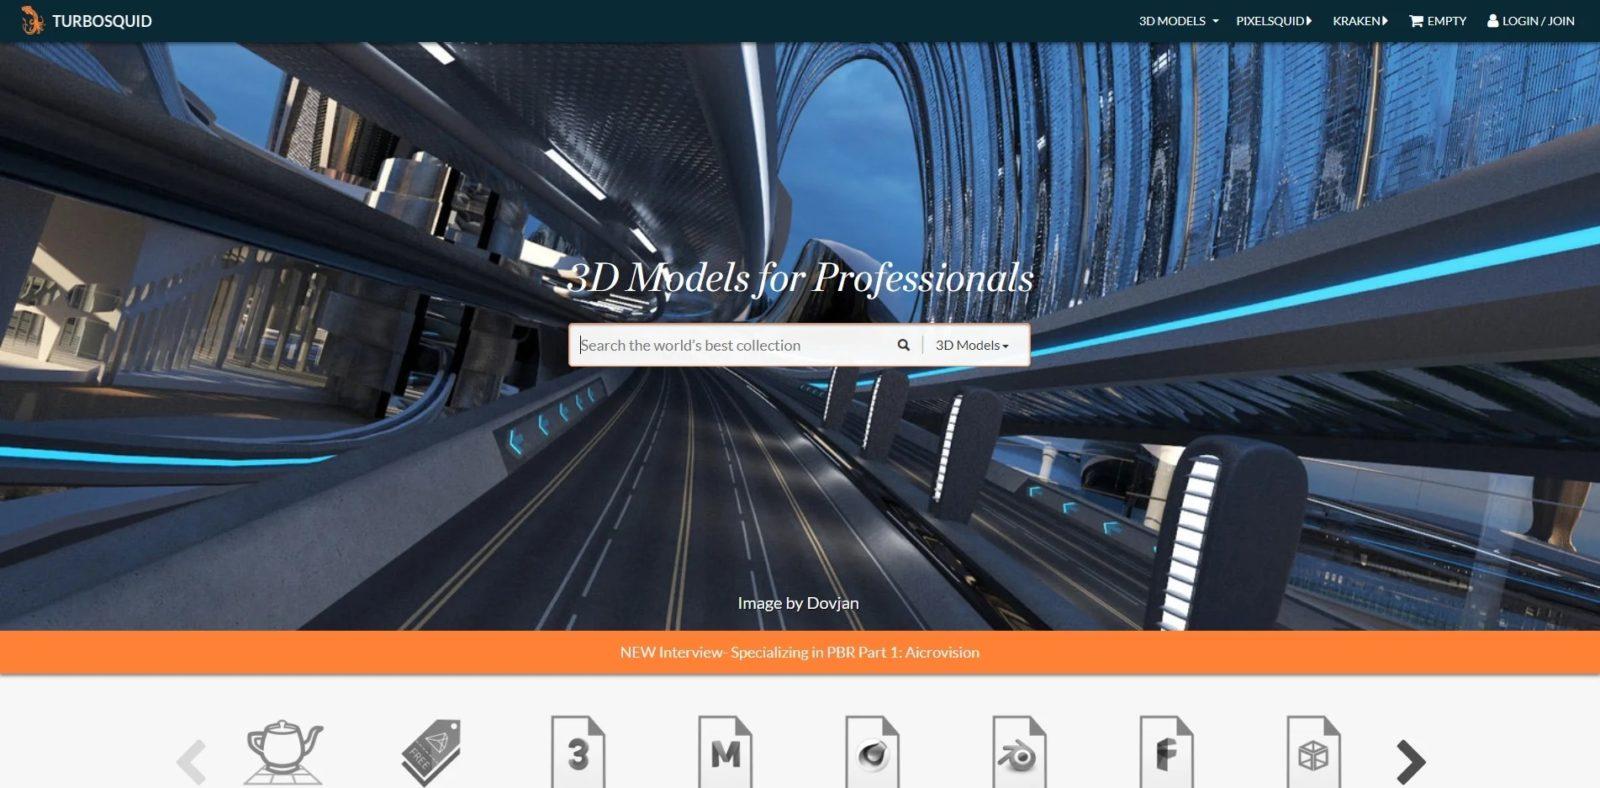 Бесплатные файлы STL, 3D-модели, файлы для 3D-принтера, 3D-модели для 3D-печати: TurboSquid